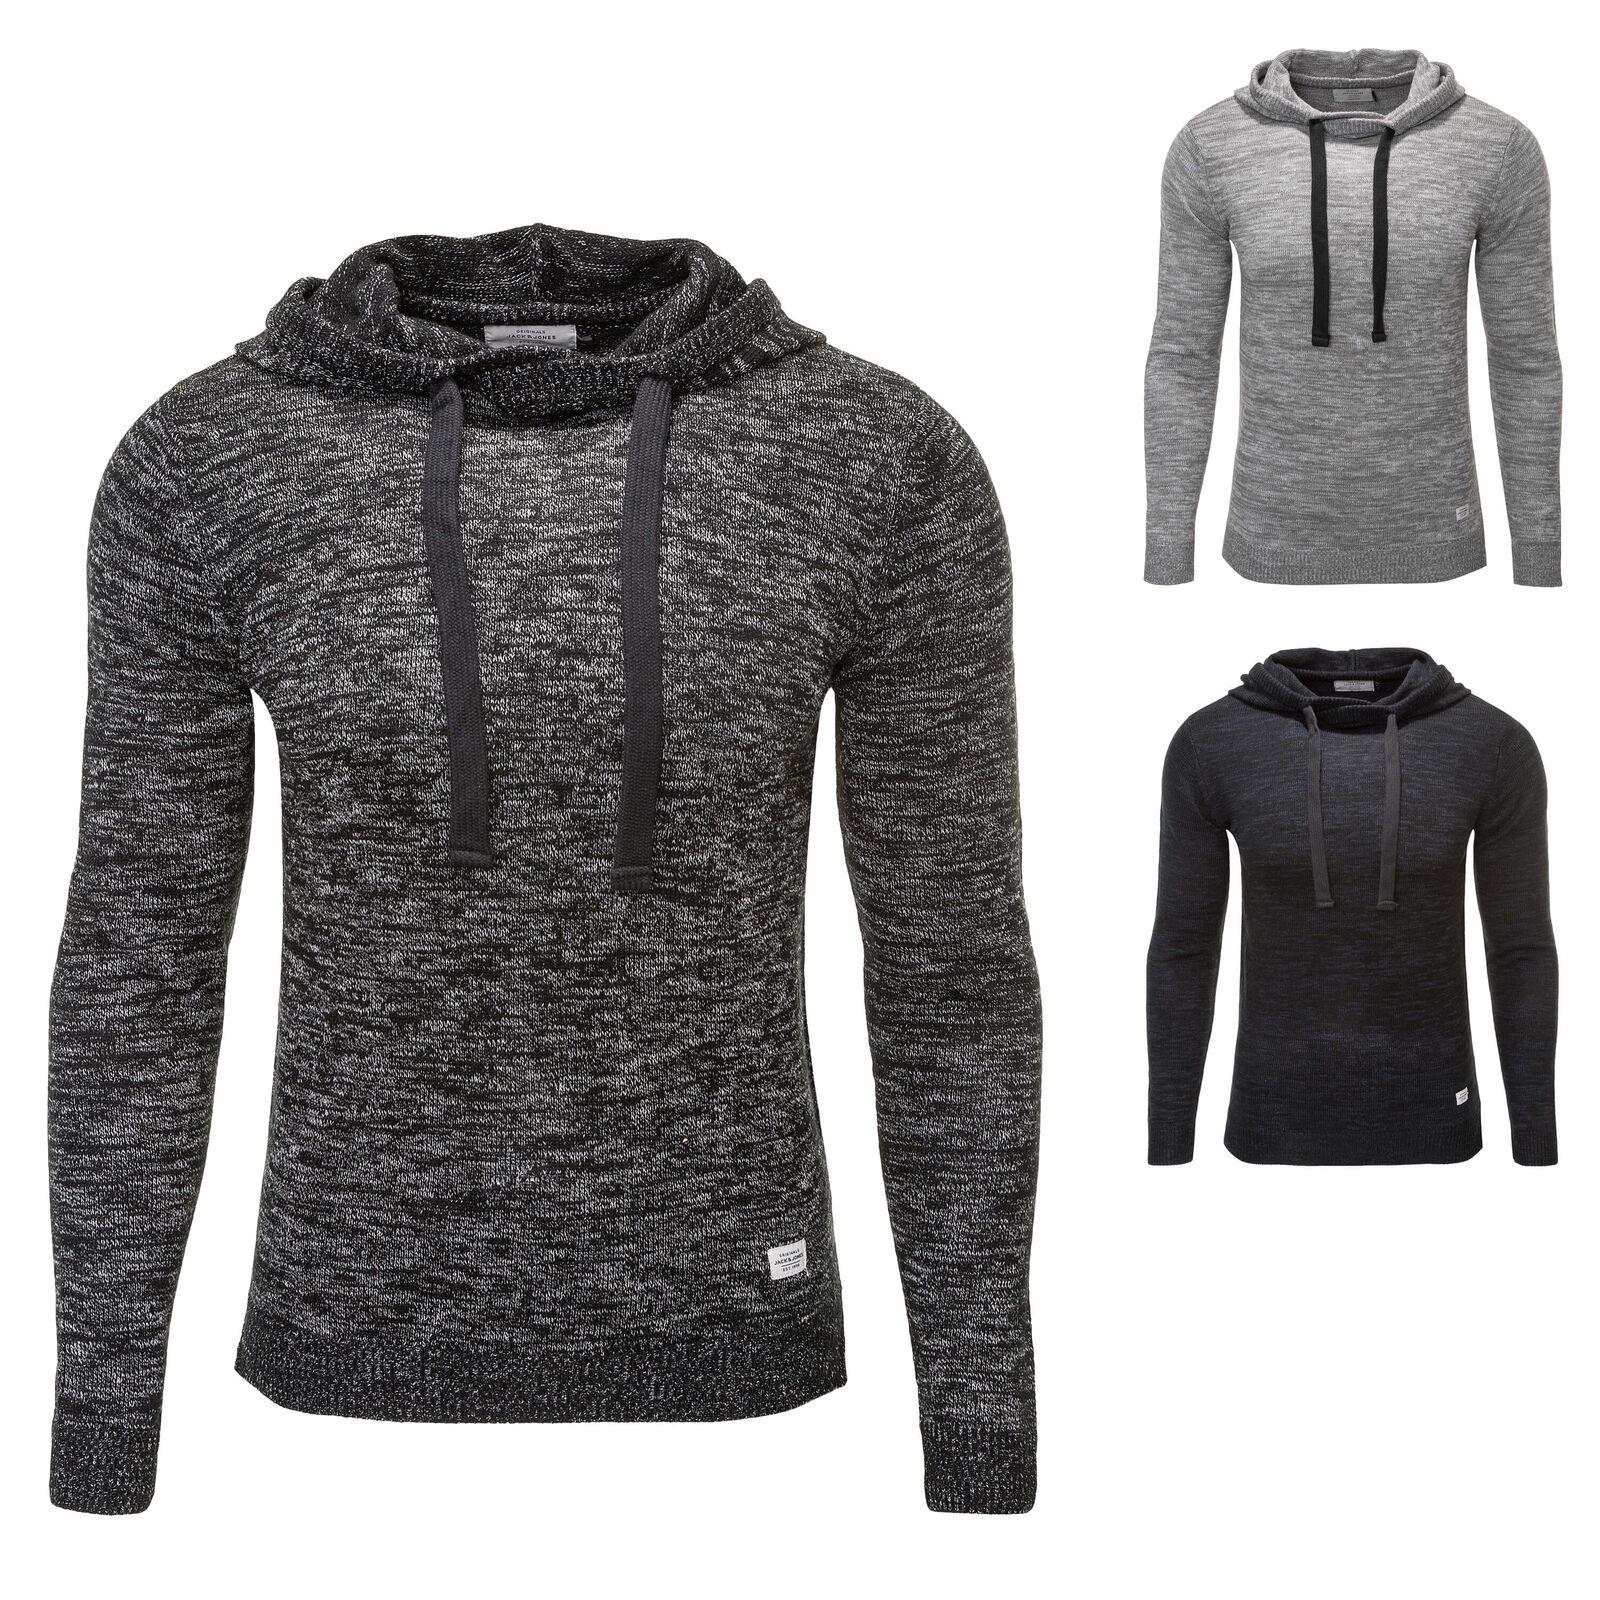 Jack & Jones Herren Hoodie Strickpullover Pullover Sweater Color Mix NEU